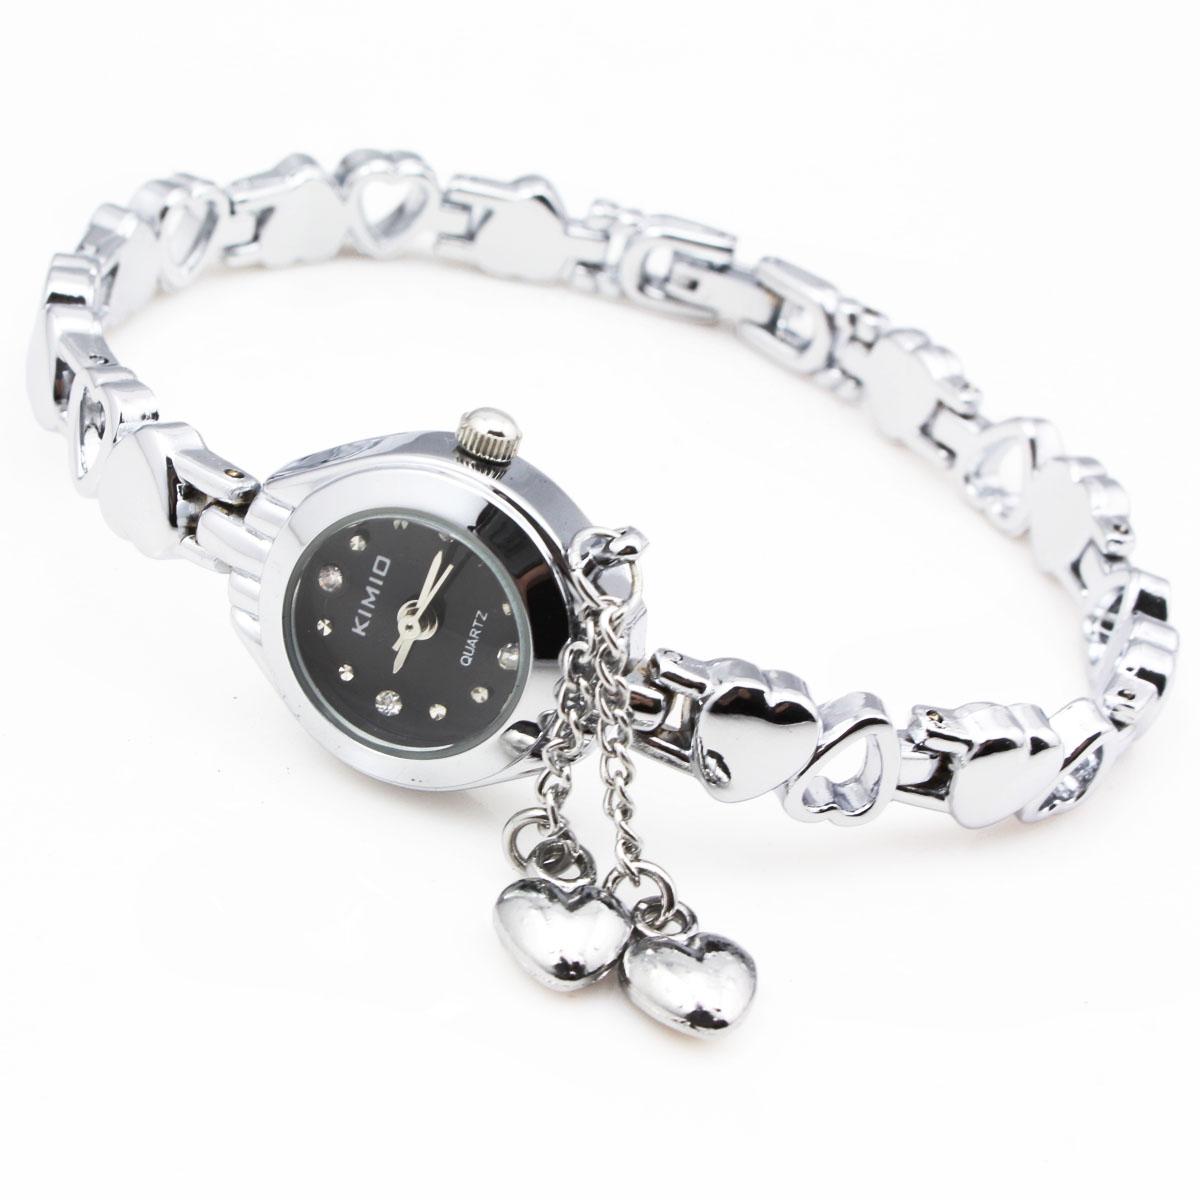 正港KIMIO石英表 韩版时尚手表 心形手链复古表 女表水钻表潮 018